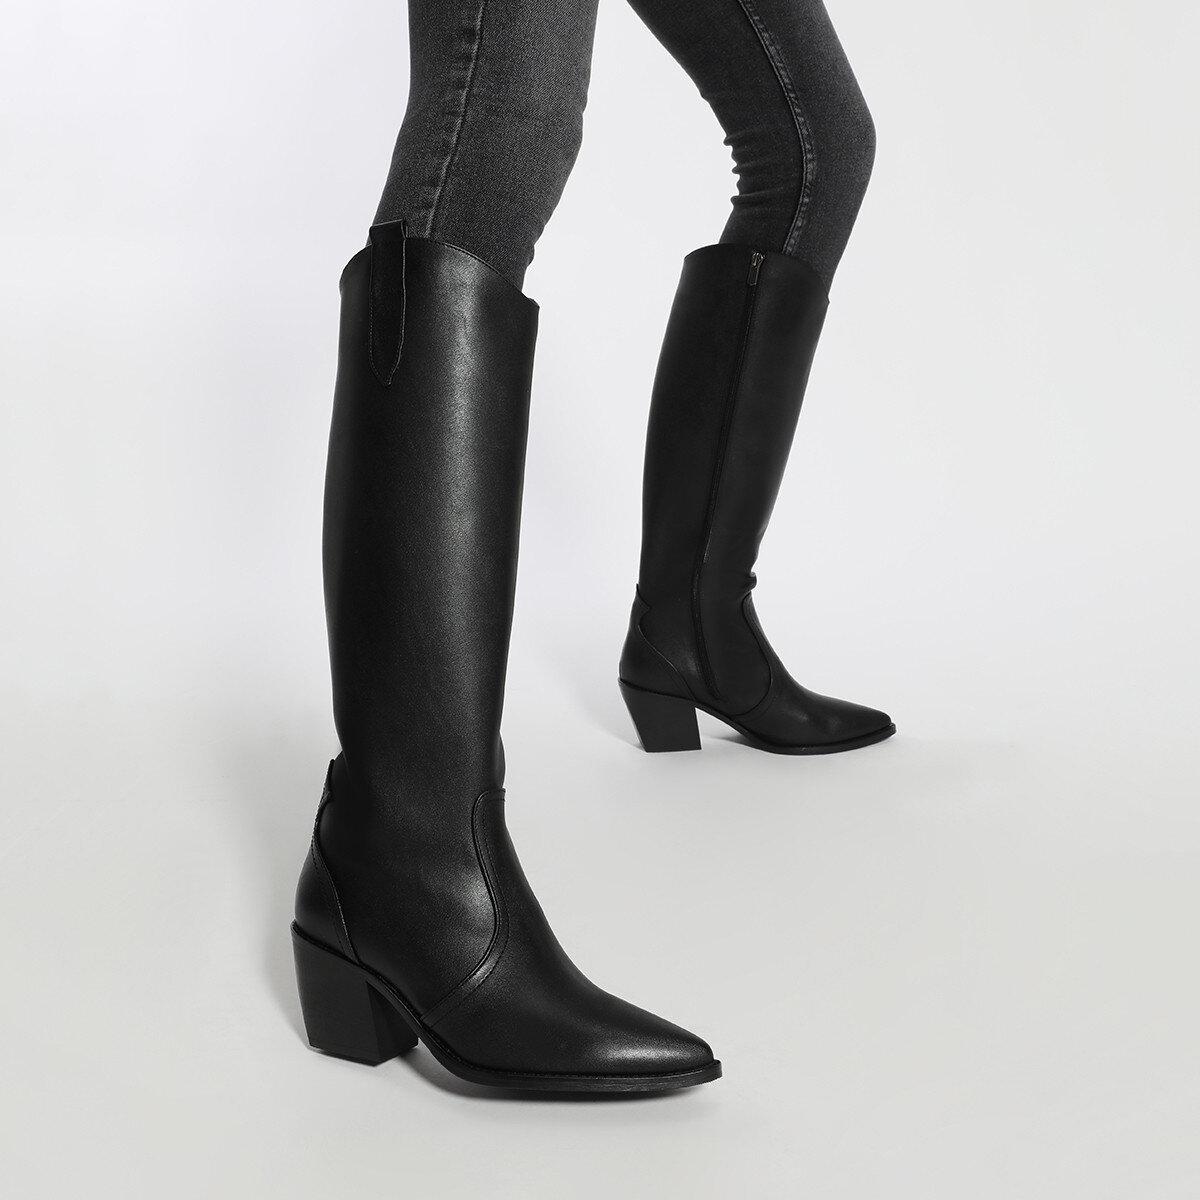 VINCENZA Siyah Kadın Topuklu Çizme